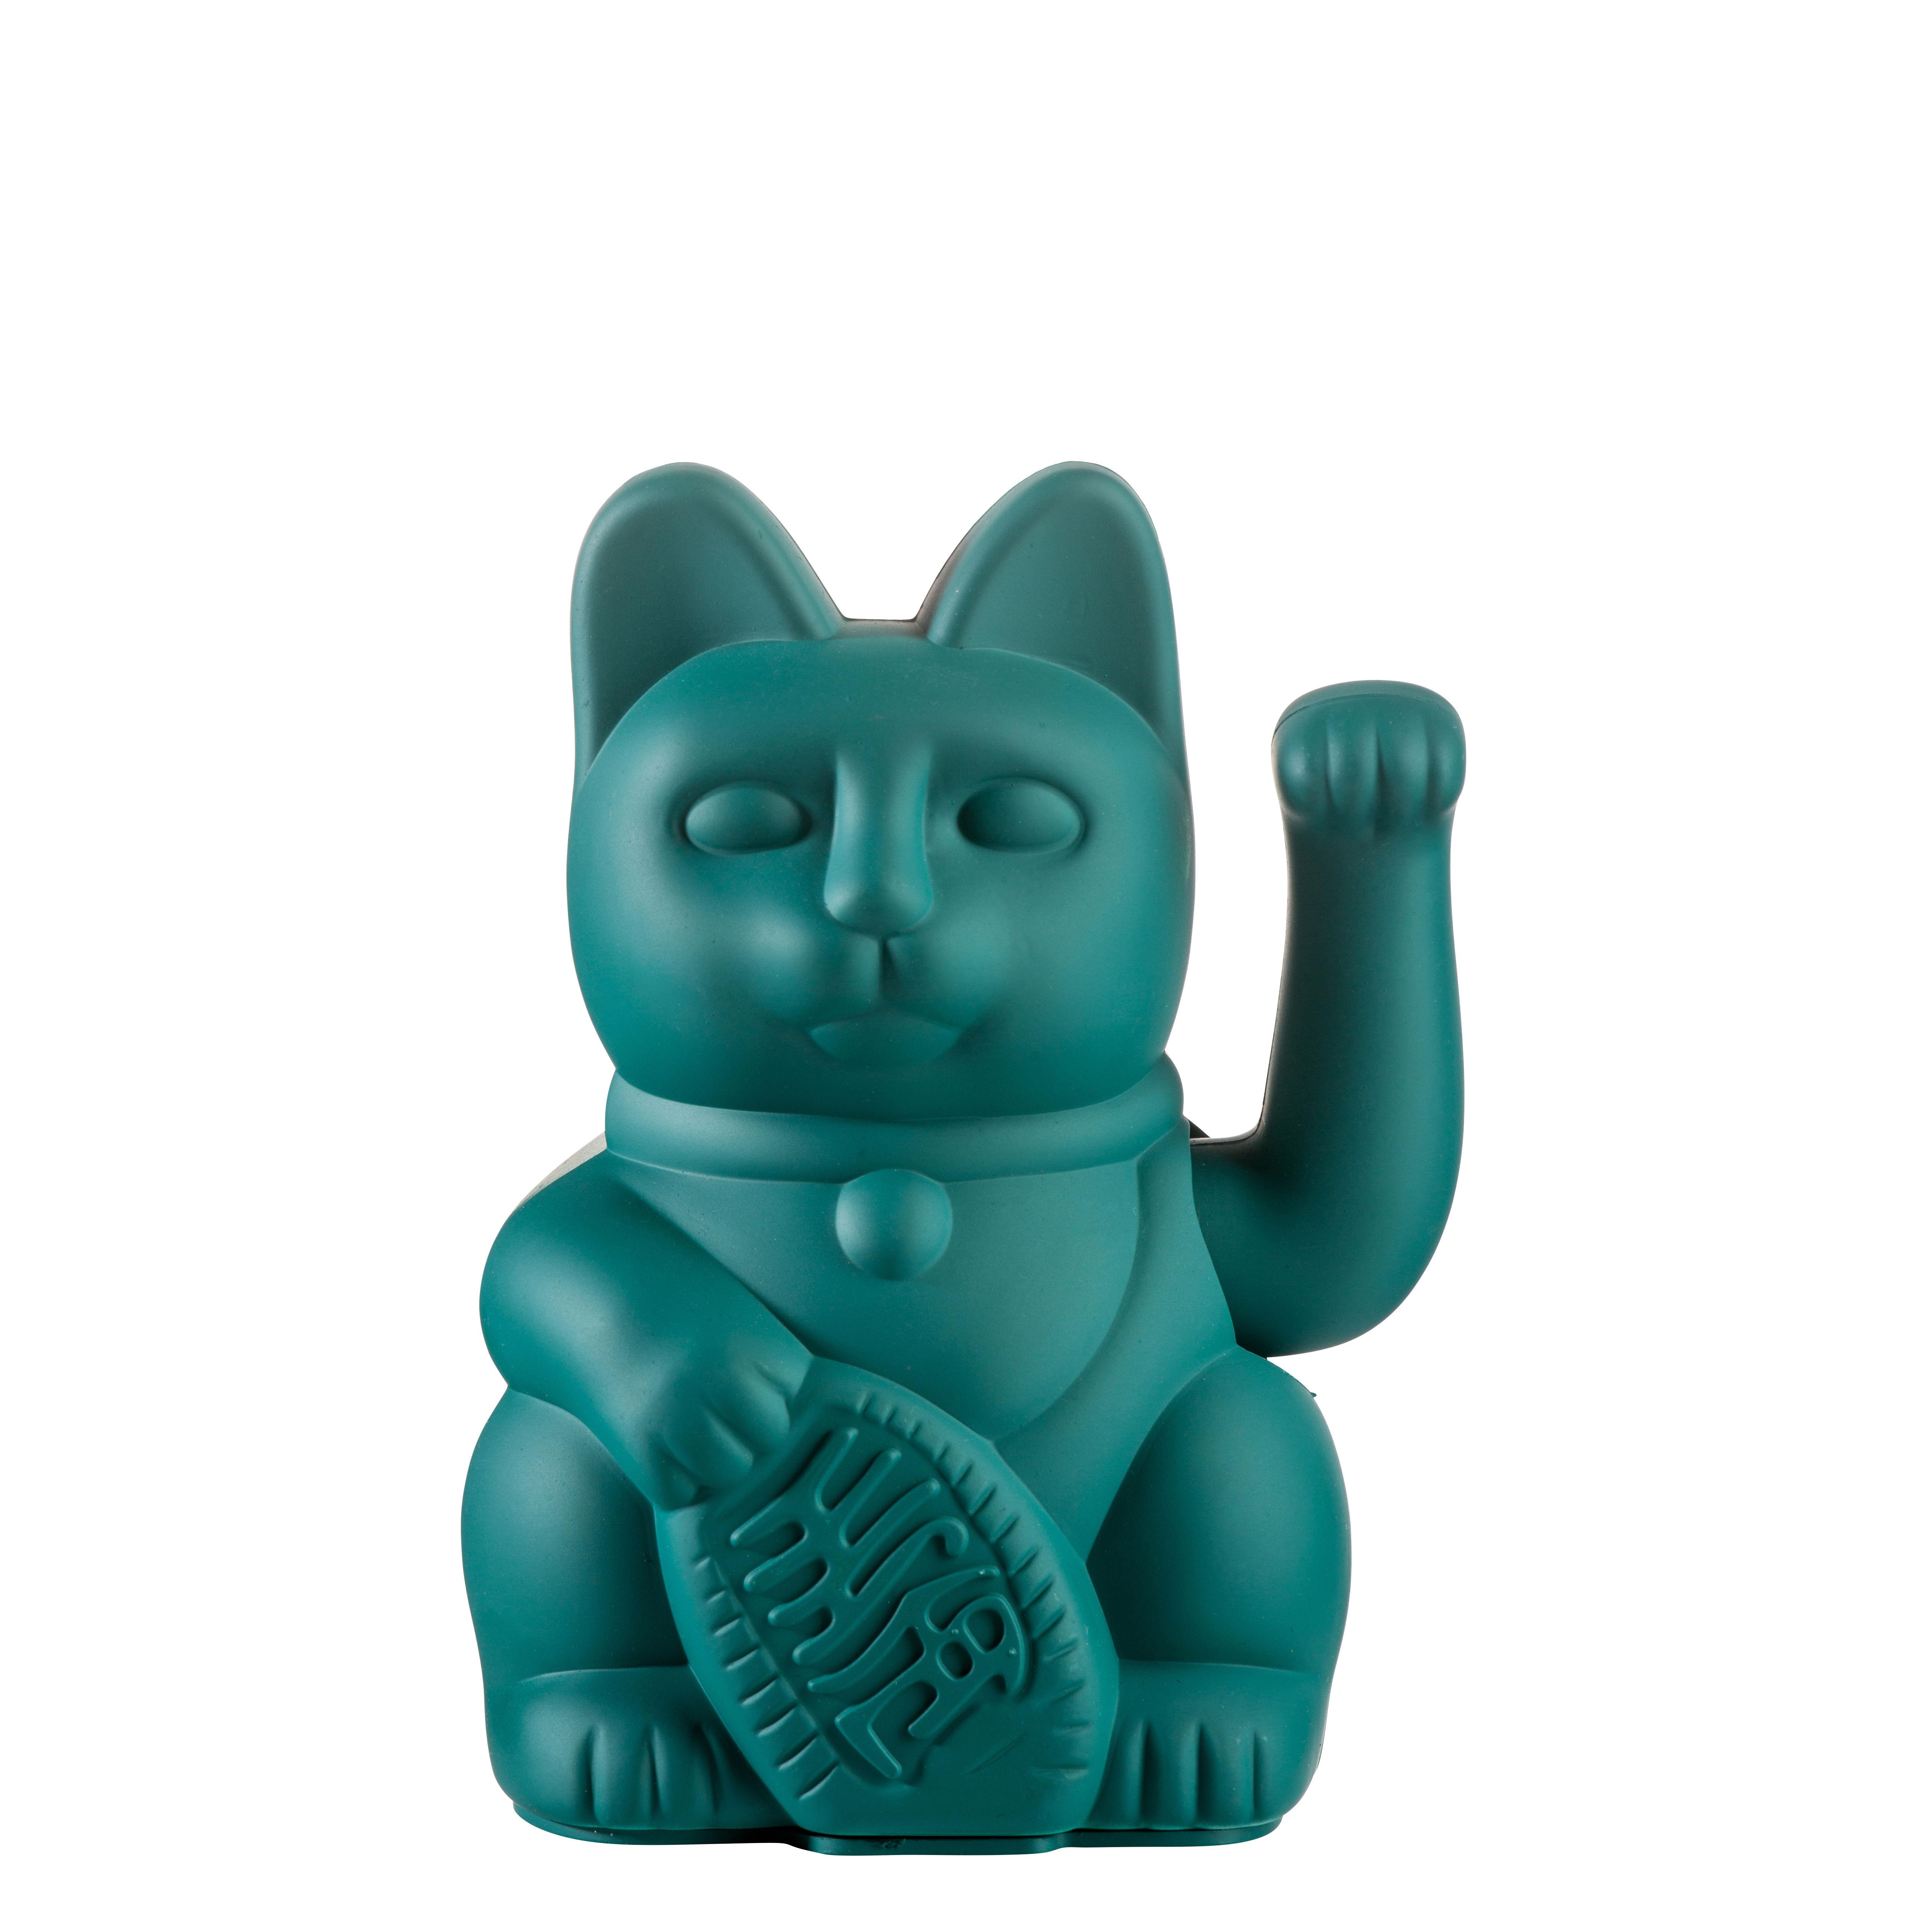 Déco - Pour les enfants - Figurine Lucky Cat / Plastique - Donkey - Vert - Plastique